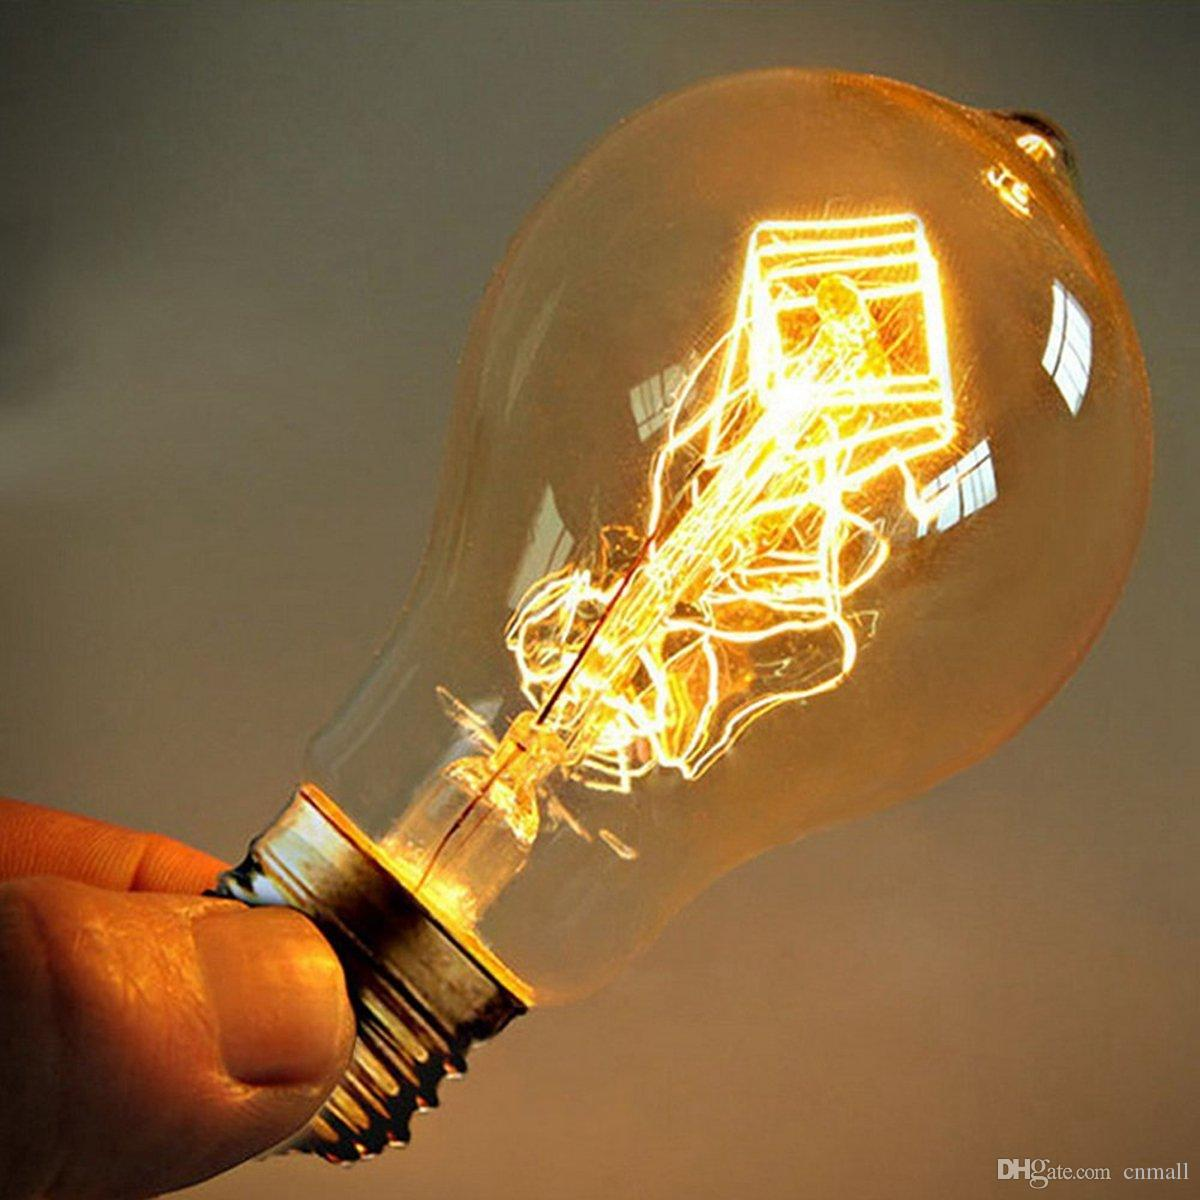 Acheter A19 Ampoule € Incandescence Lampe Vintage Ampoules Edison